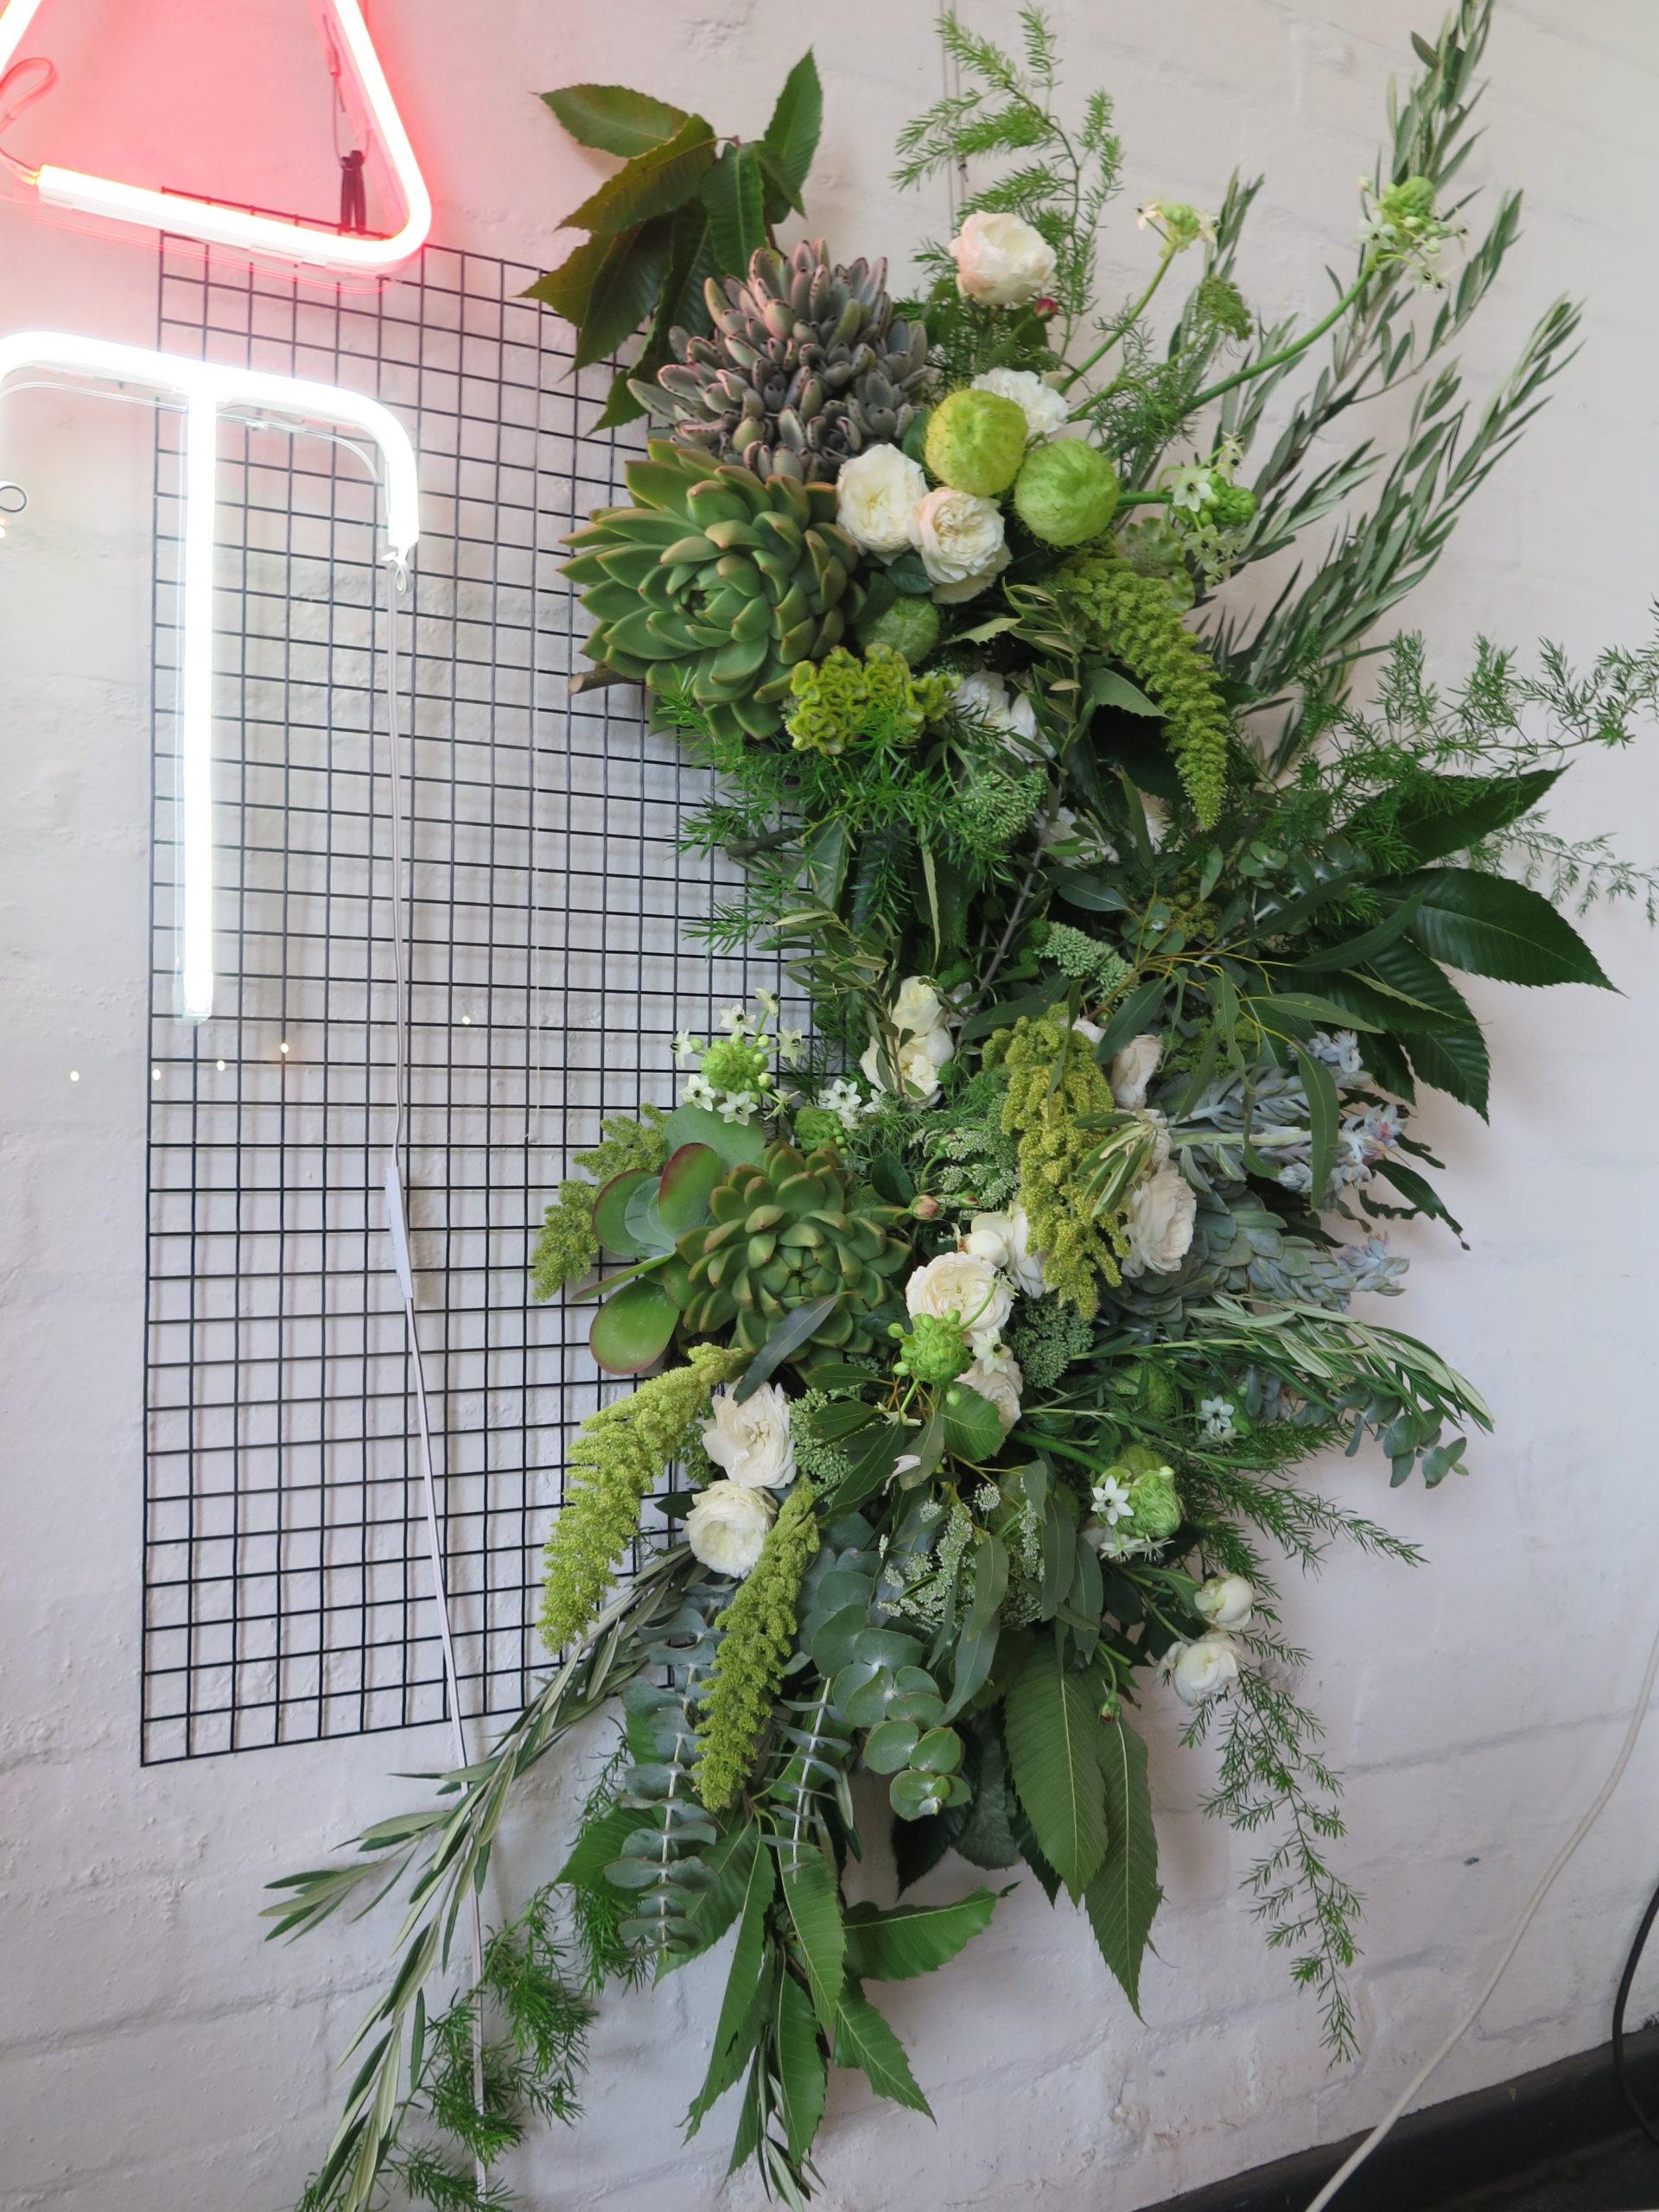 Melbourne Event Florist Venue Decor Photobooth Backdrop | Thrive Flowers